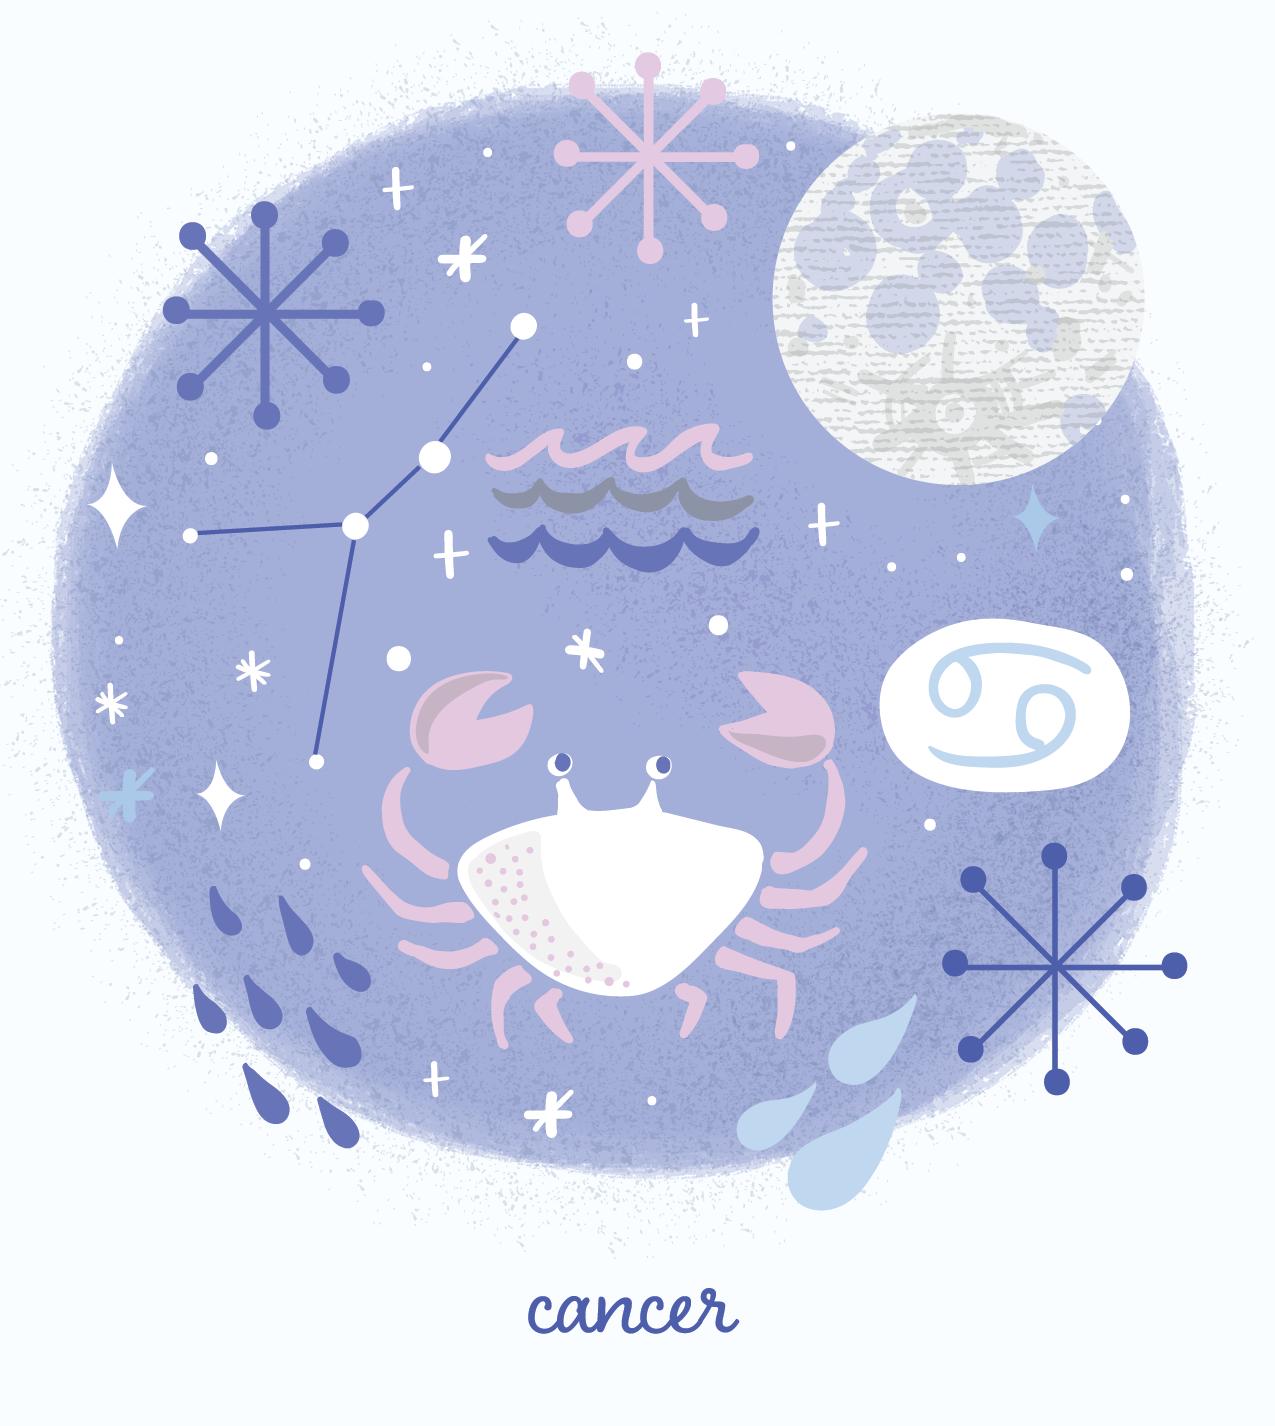 CancerPrint-01.png